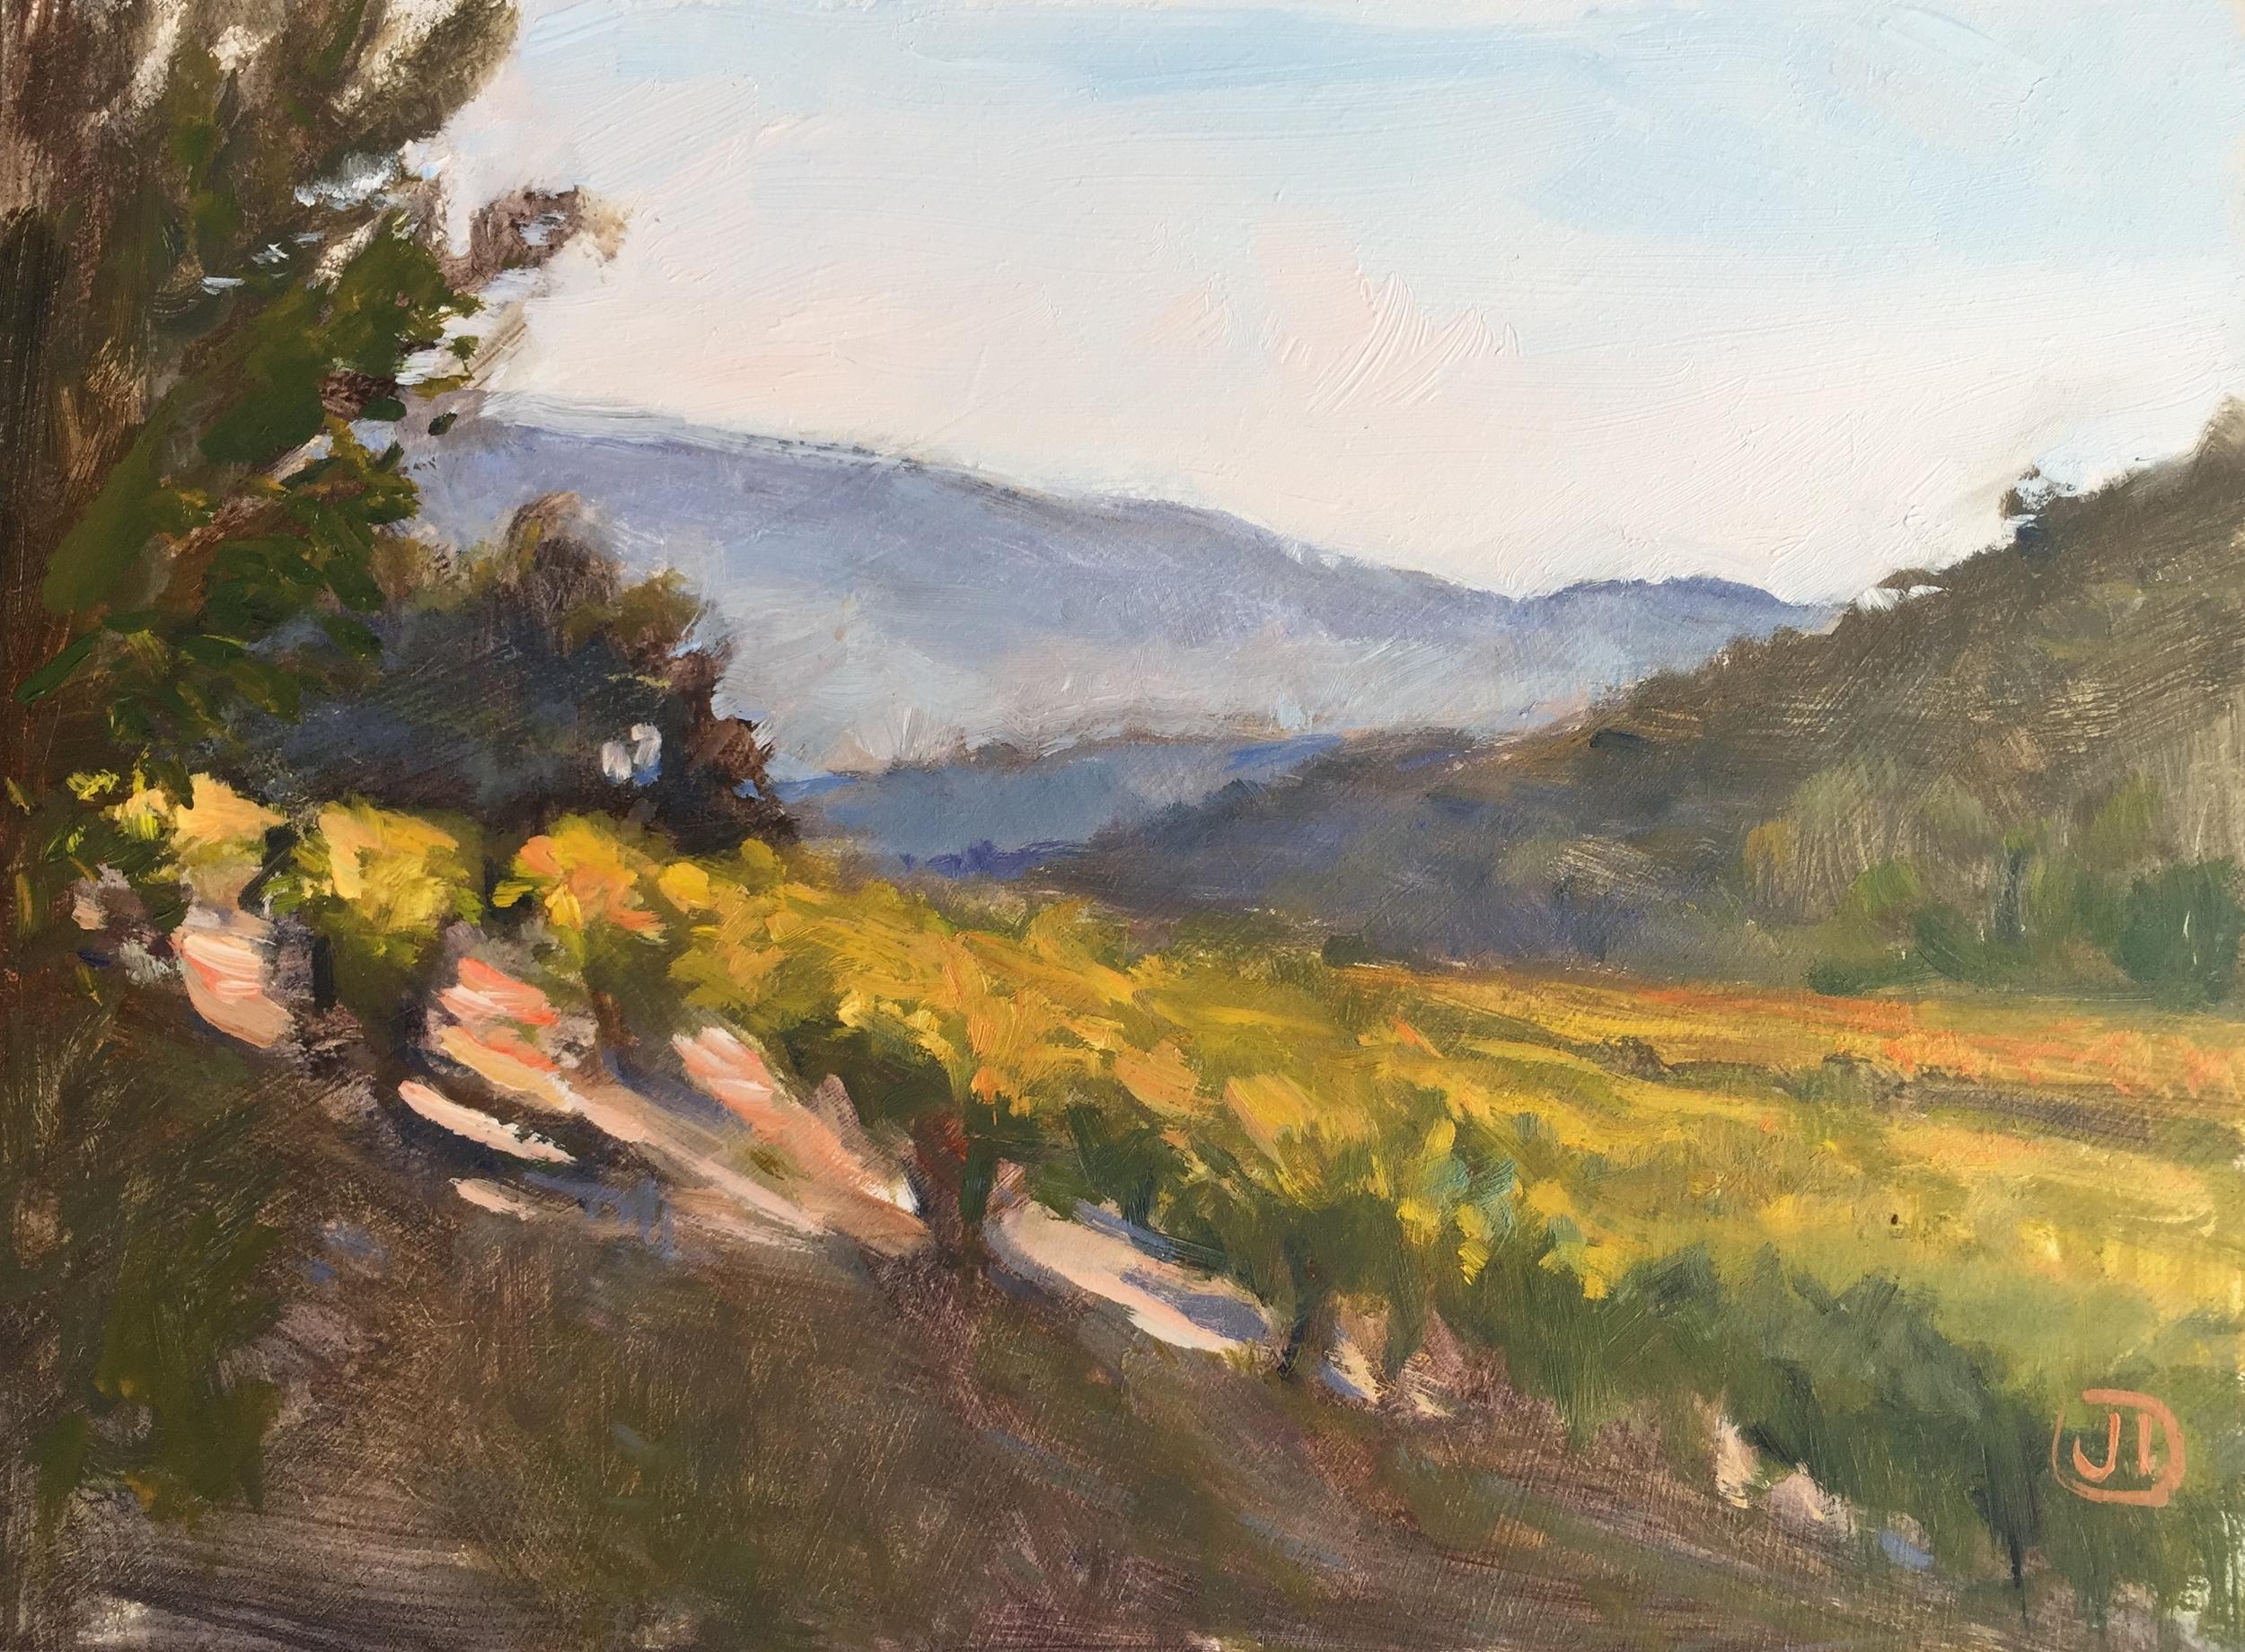 Morning Light on Autumn Vineyards